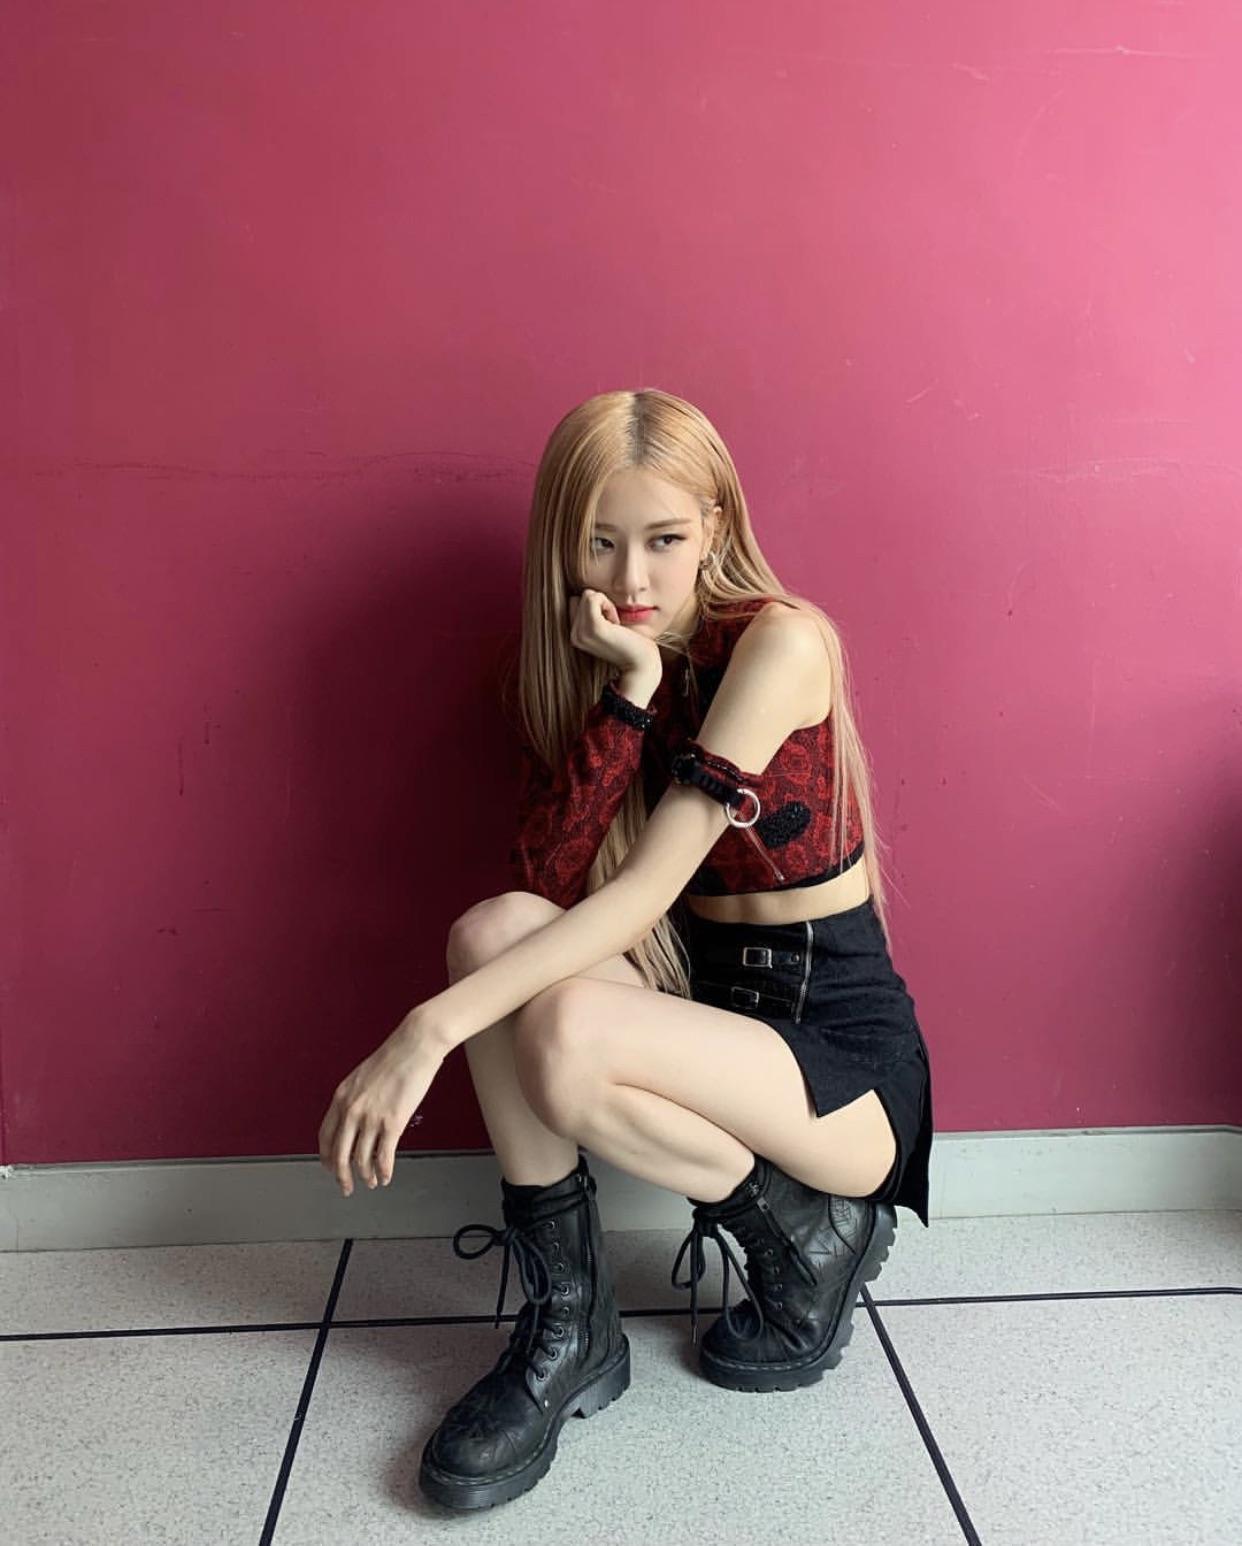 Ảnh siêu xinh đẹp mới nhất của Rosé  BlackPink 2020